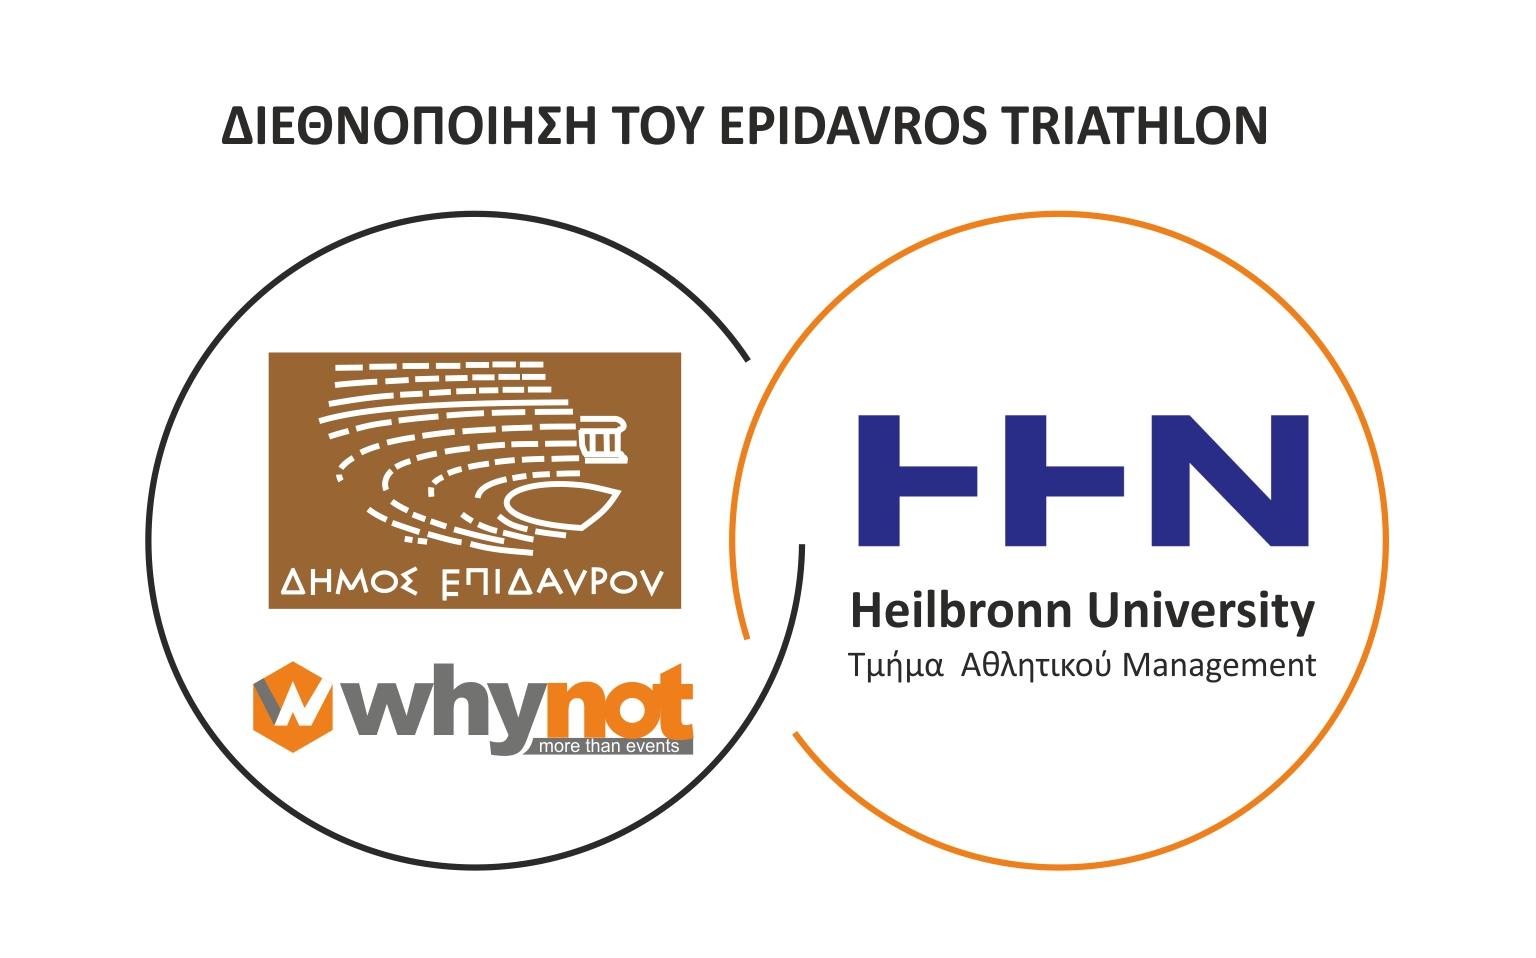 διεθνοποίηση του Epidavros Triathlon